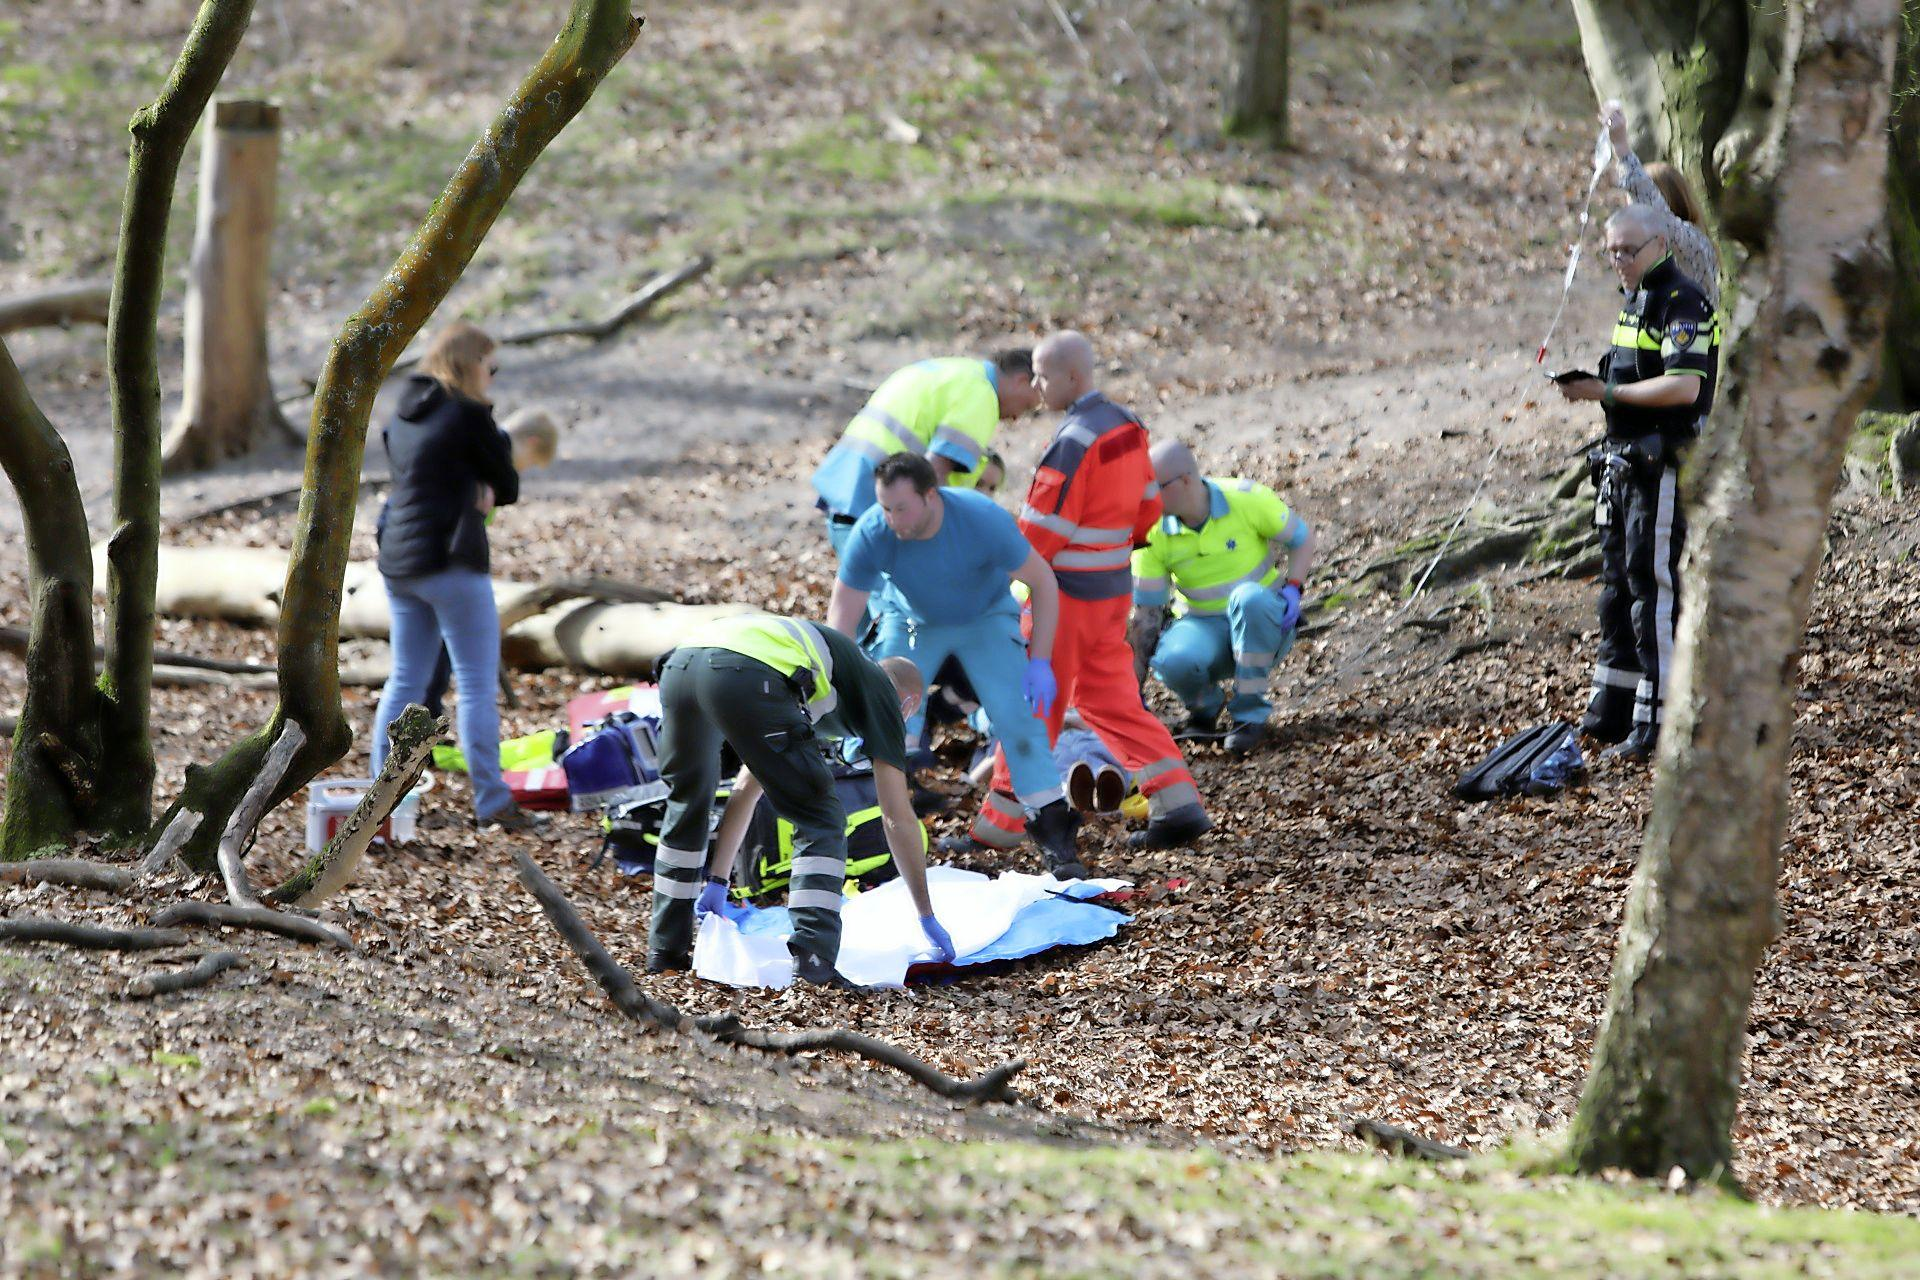 Goois Natuurreservaat: Ongeluk bij speelbos 't Laer geen aanleiding tot extra maatregelen; 'We zijn erg geschrokken en hopen dat het goed met haar gaat'